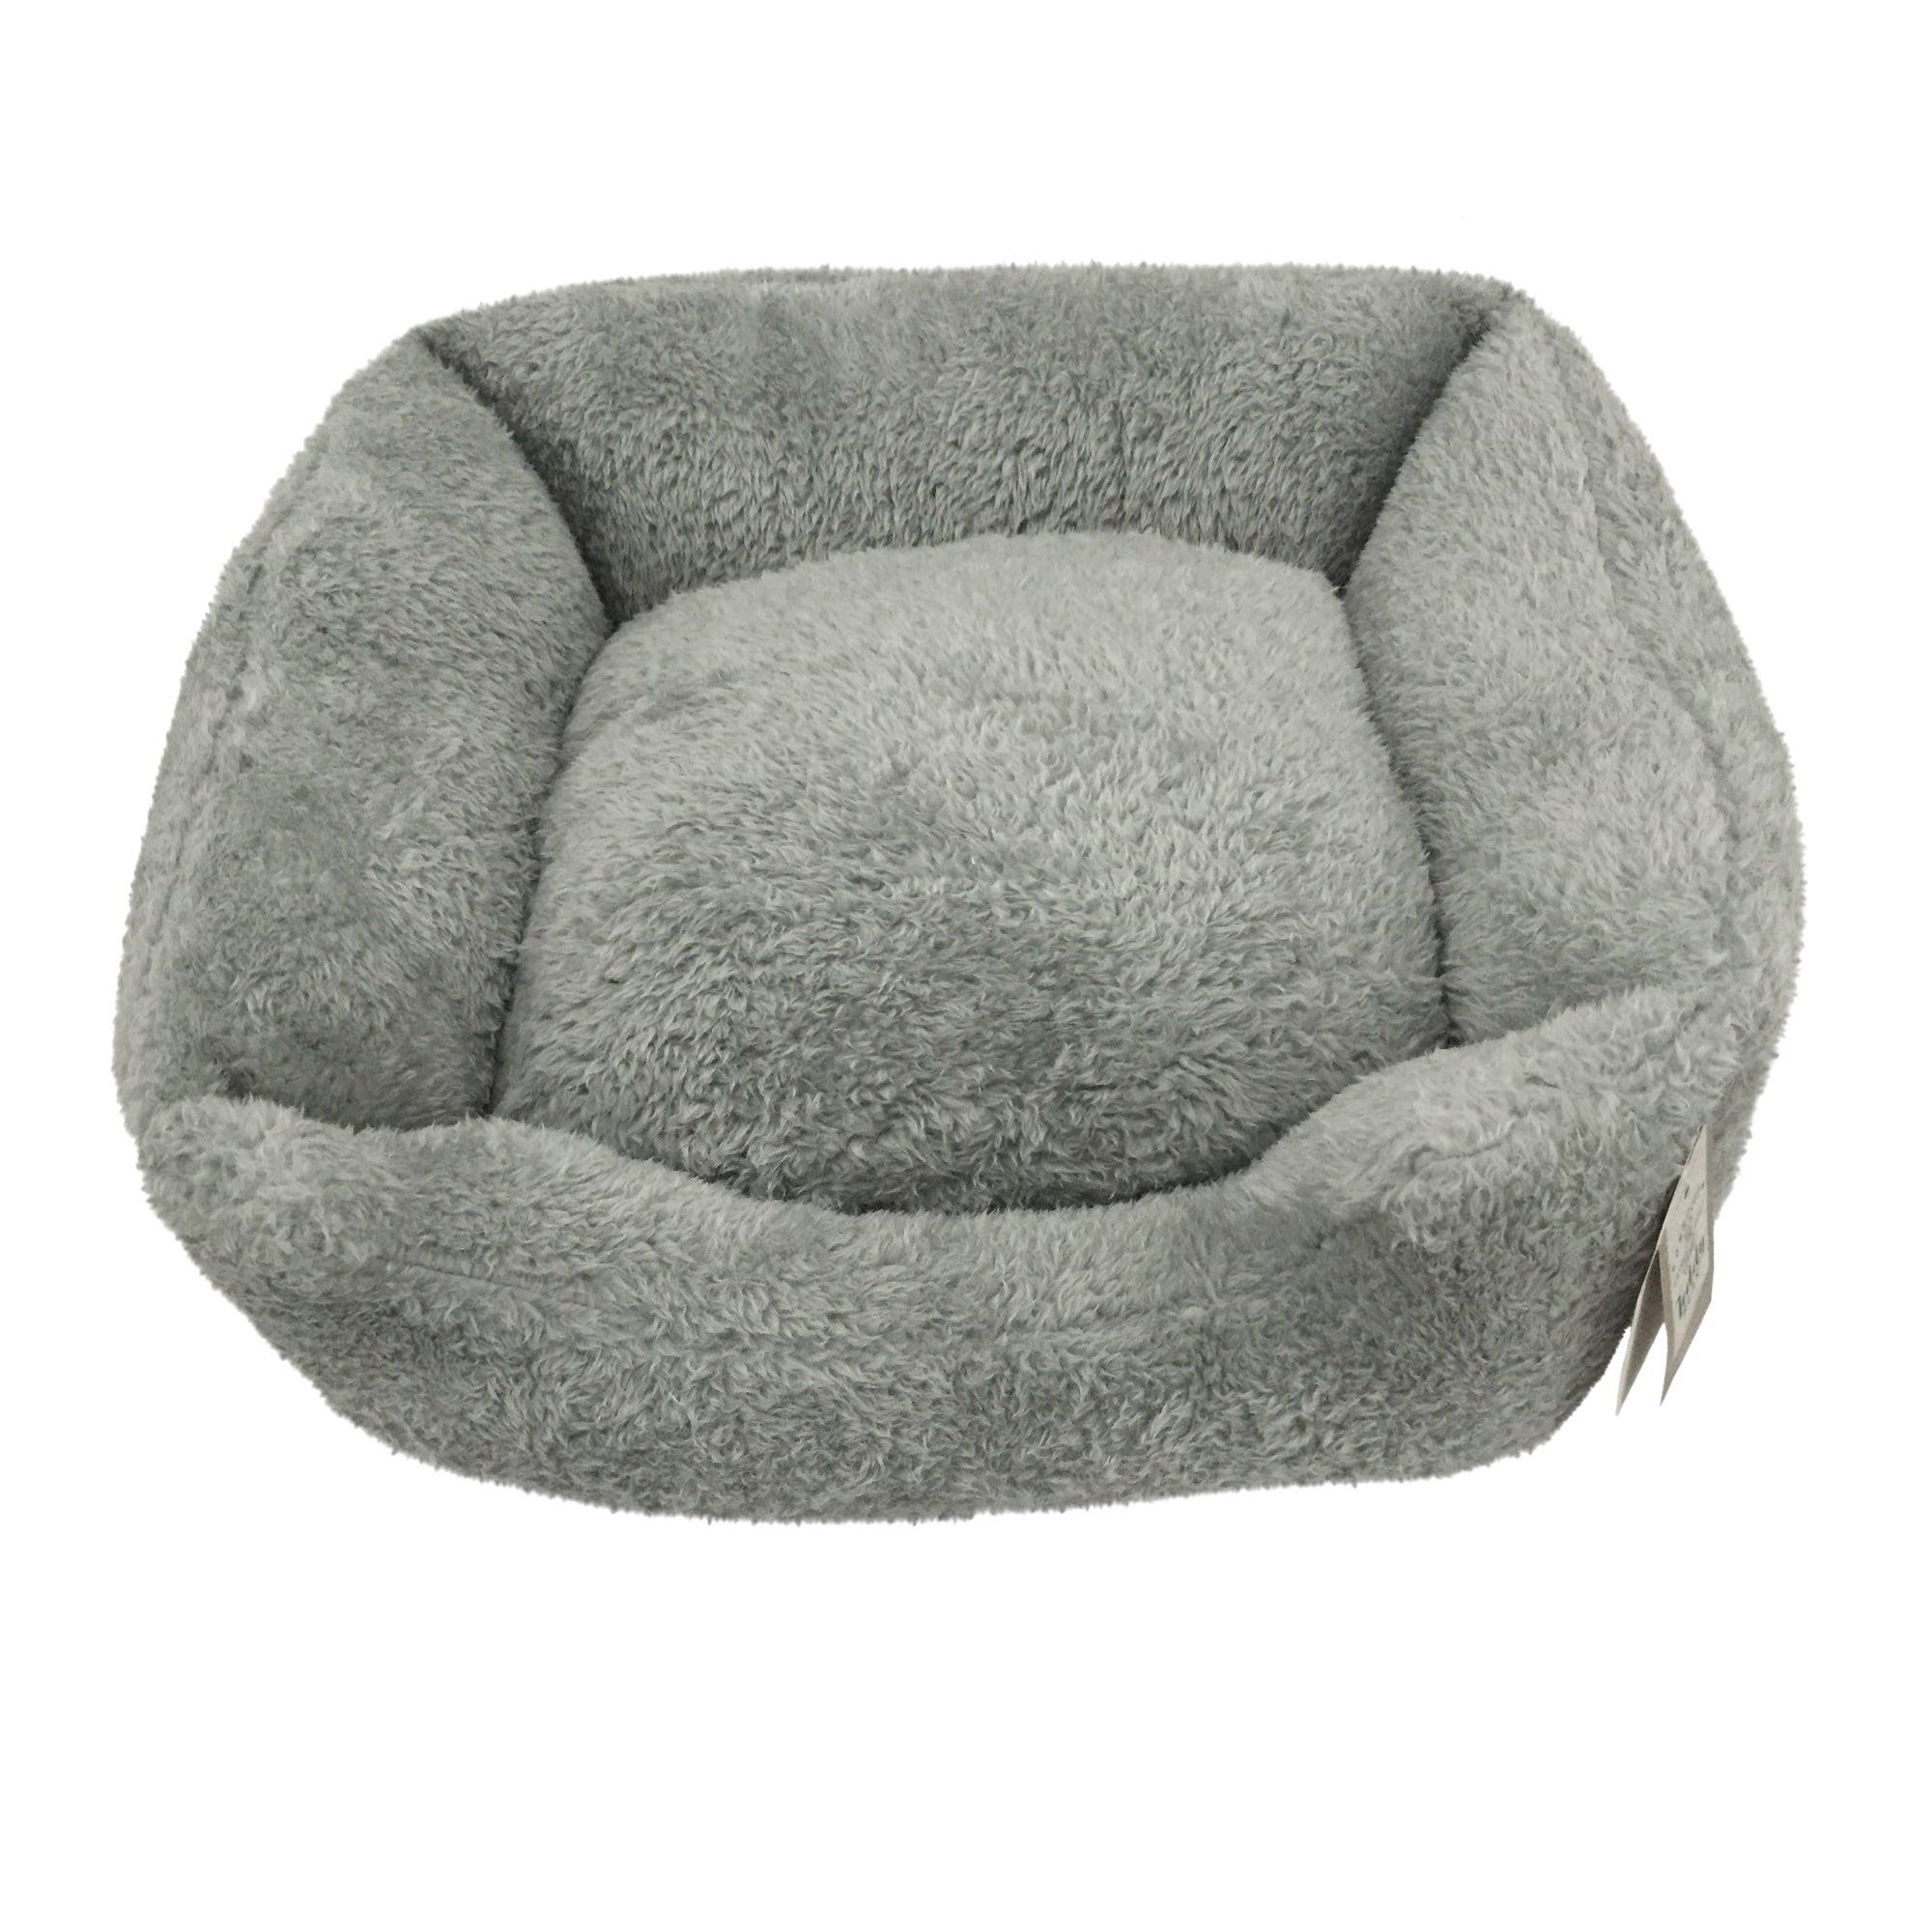 Teddy Bear Grey Square Dog Bed Grey